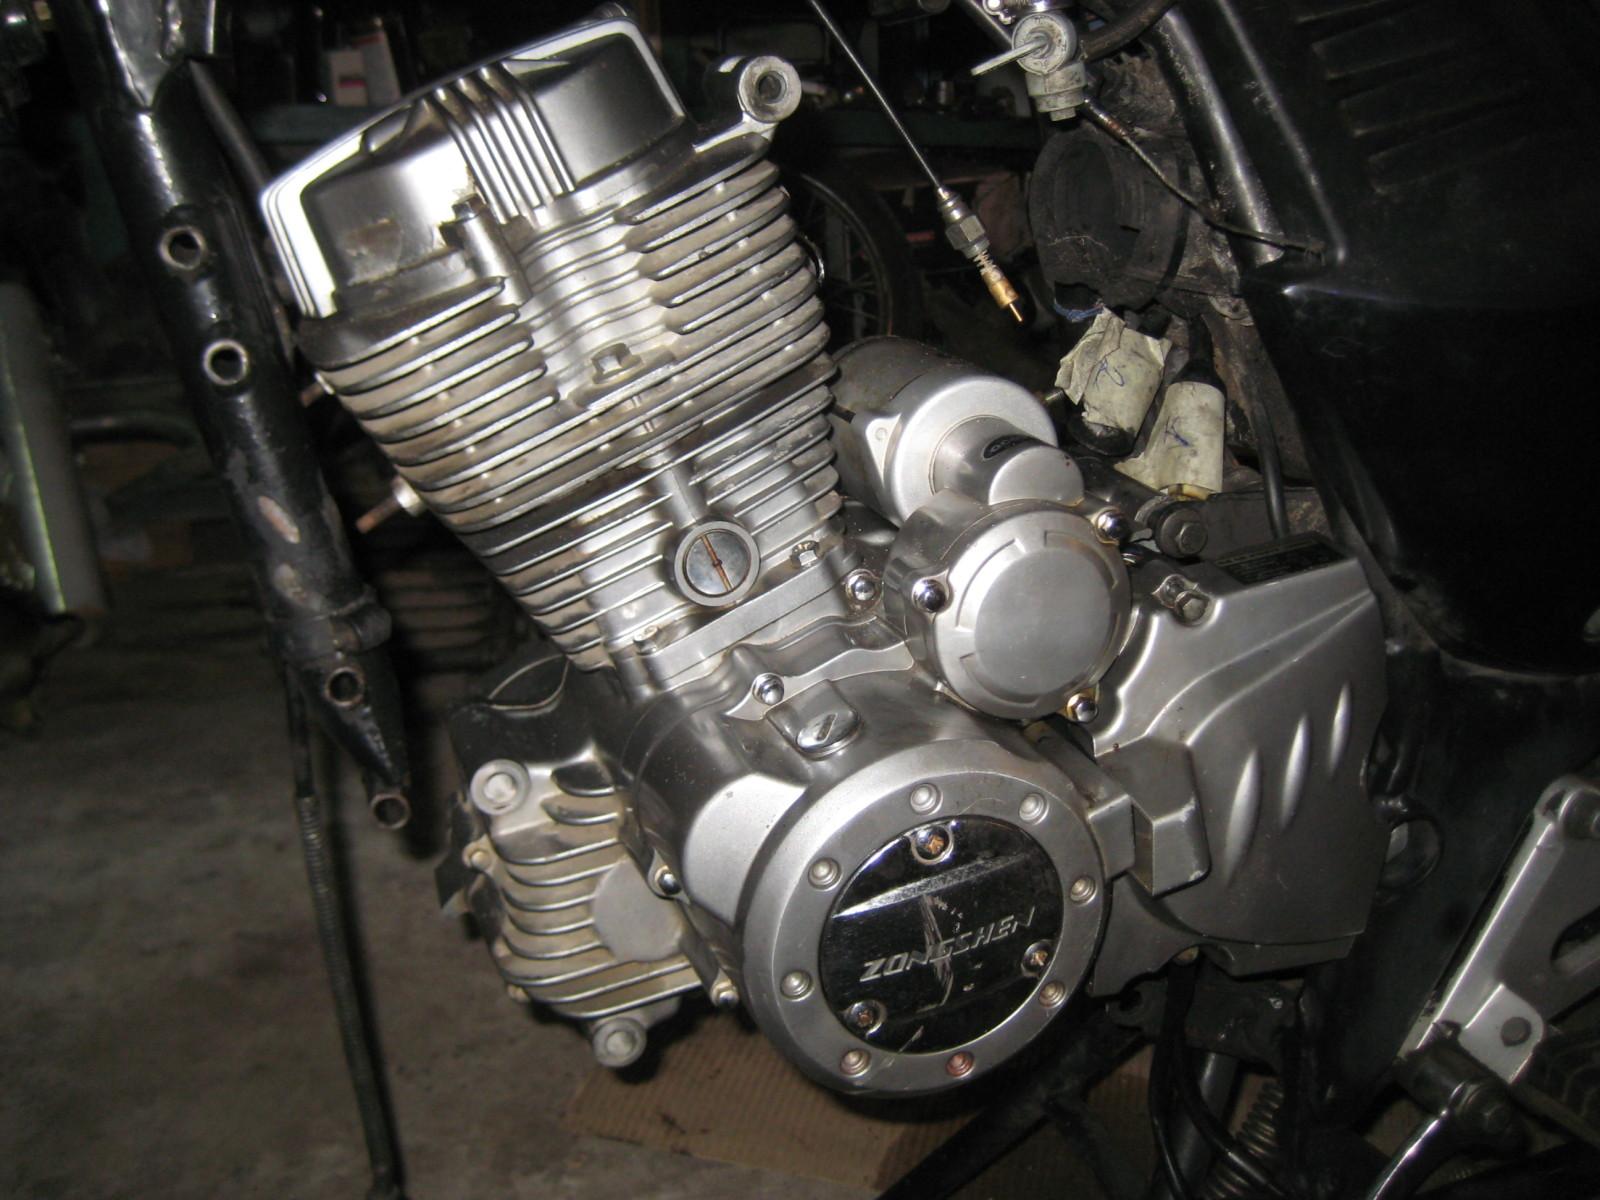 Продам двигатель с мотоцикла Zongshen ZS200GS (ZS167FML) 200куб 2j10l5h